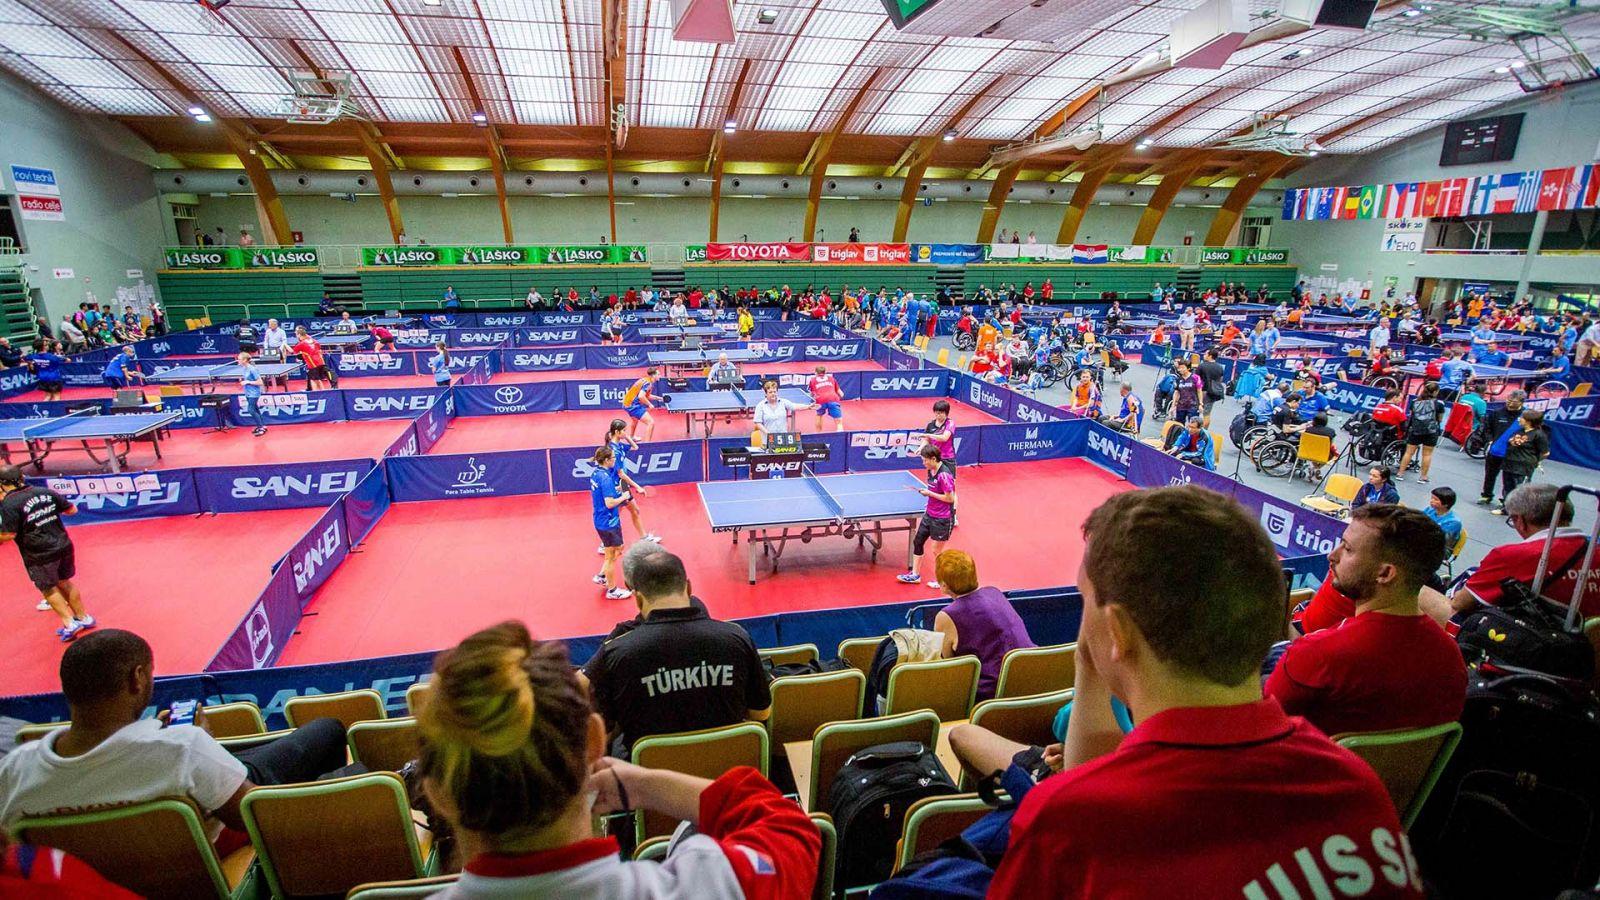 Сборные команды России по настольному теннису спорта лиц с поражением опорно-двигательного аппарата и интеллектуальными нарушениями примут участие в чемпионате мира в Словении